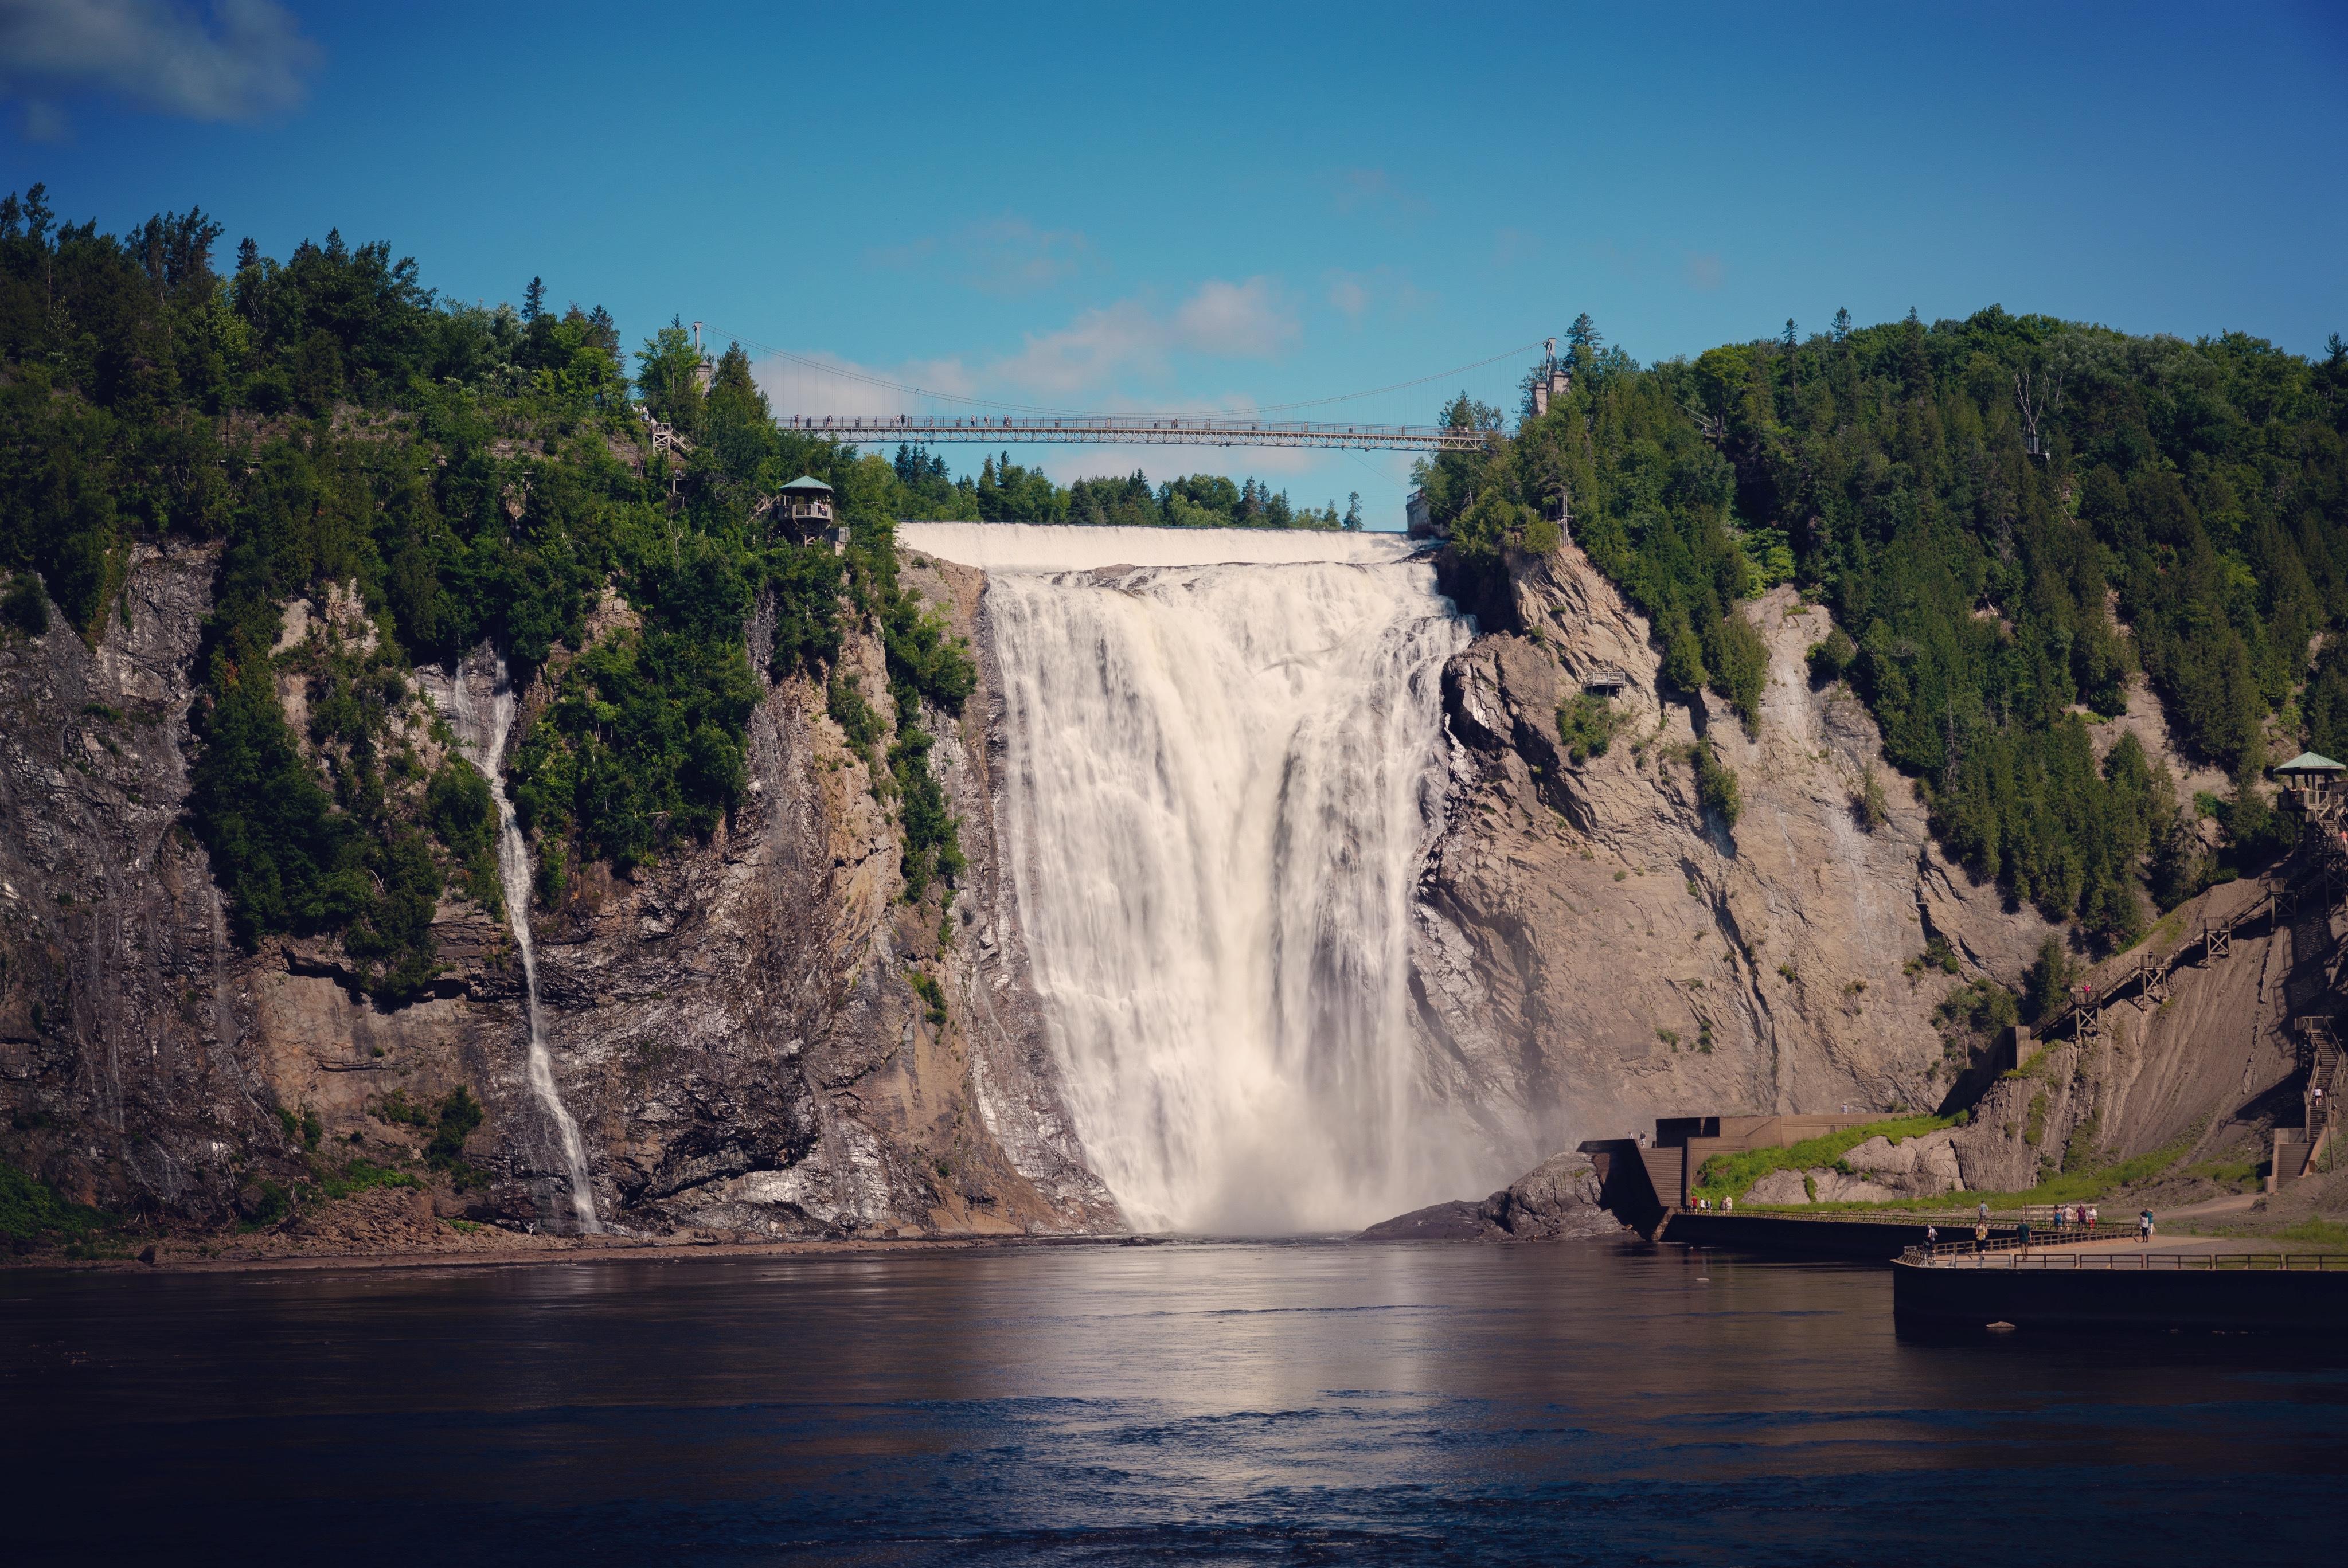 North America; Canada; Québec; Québec City; Montmorency Falls; Landscape; Waterfall; Nikon D800